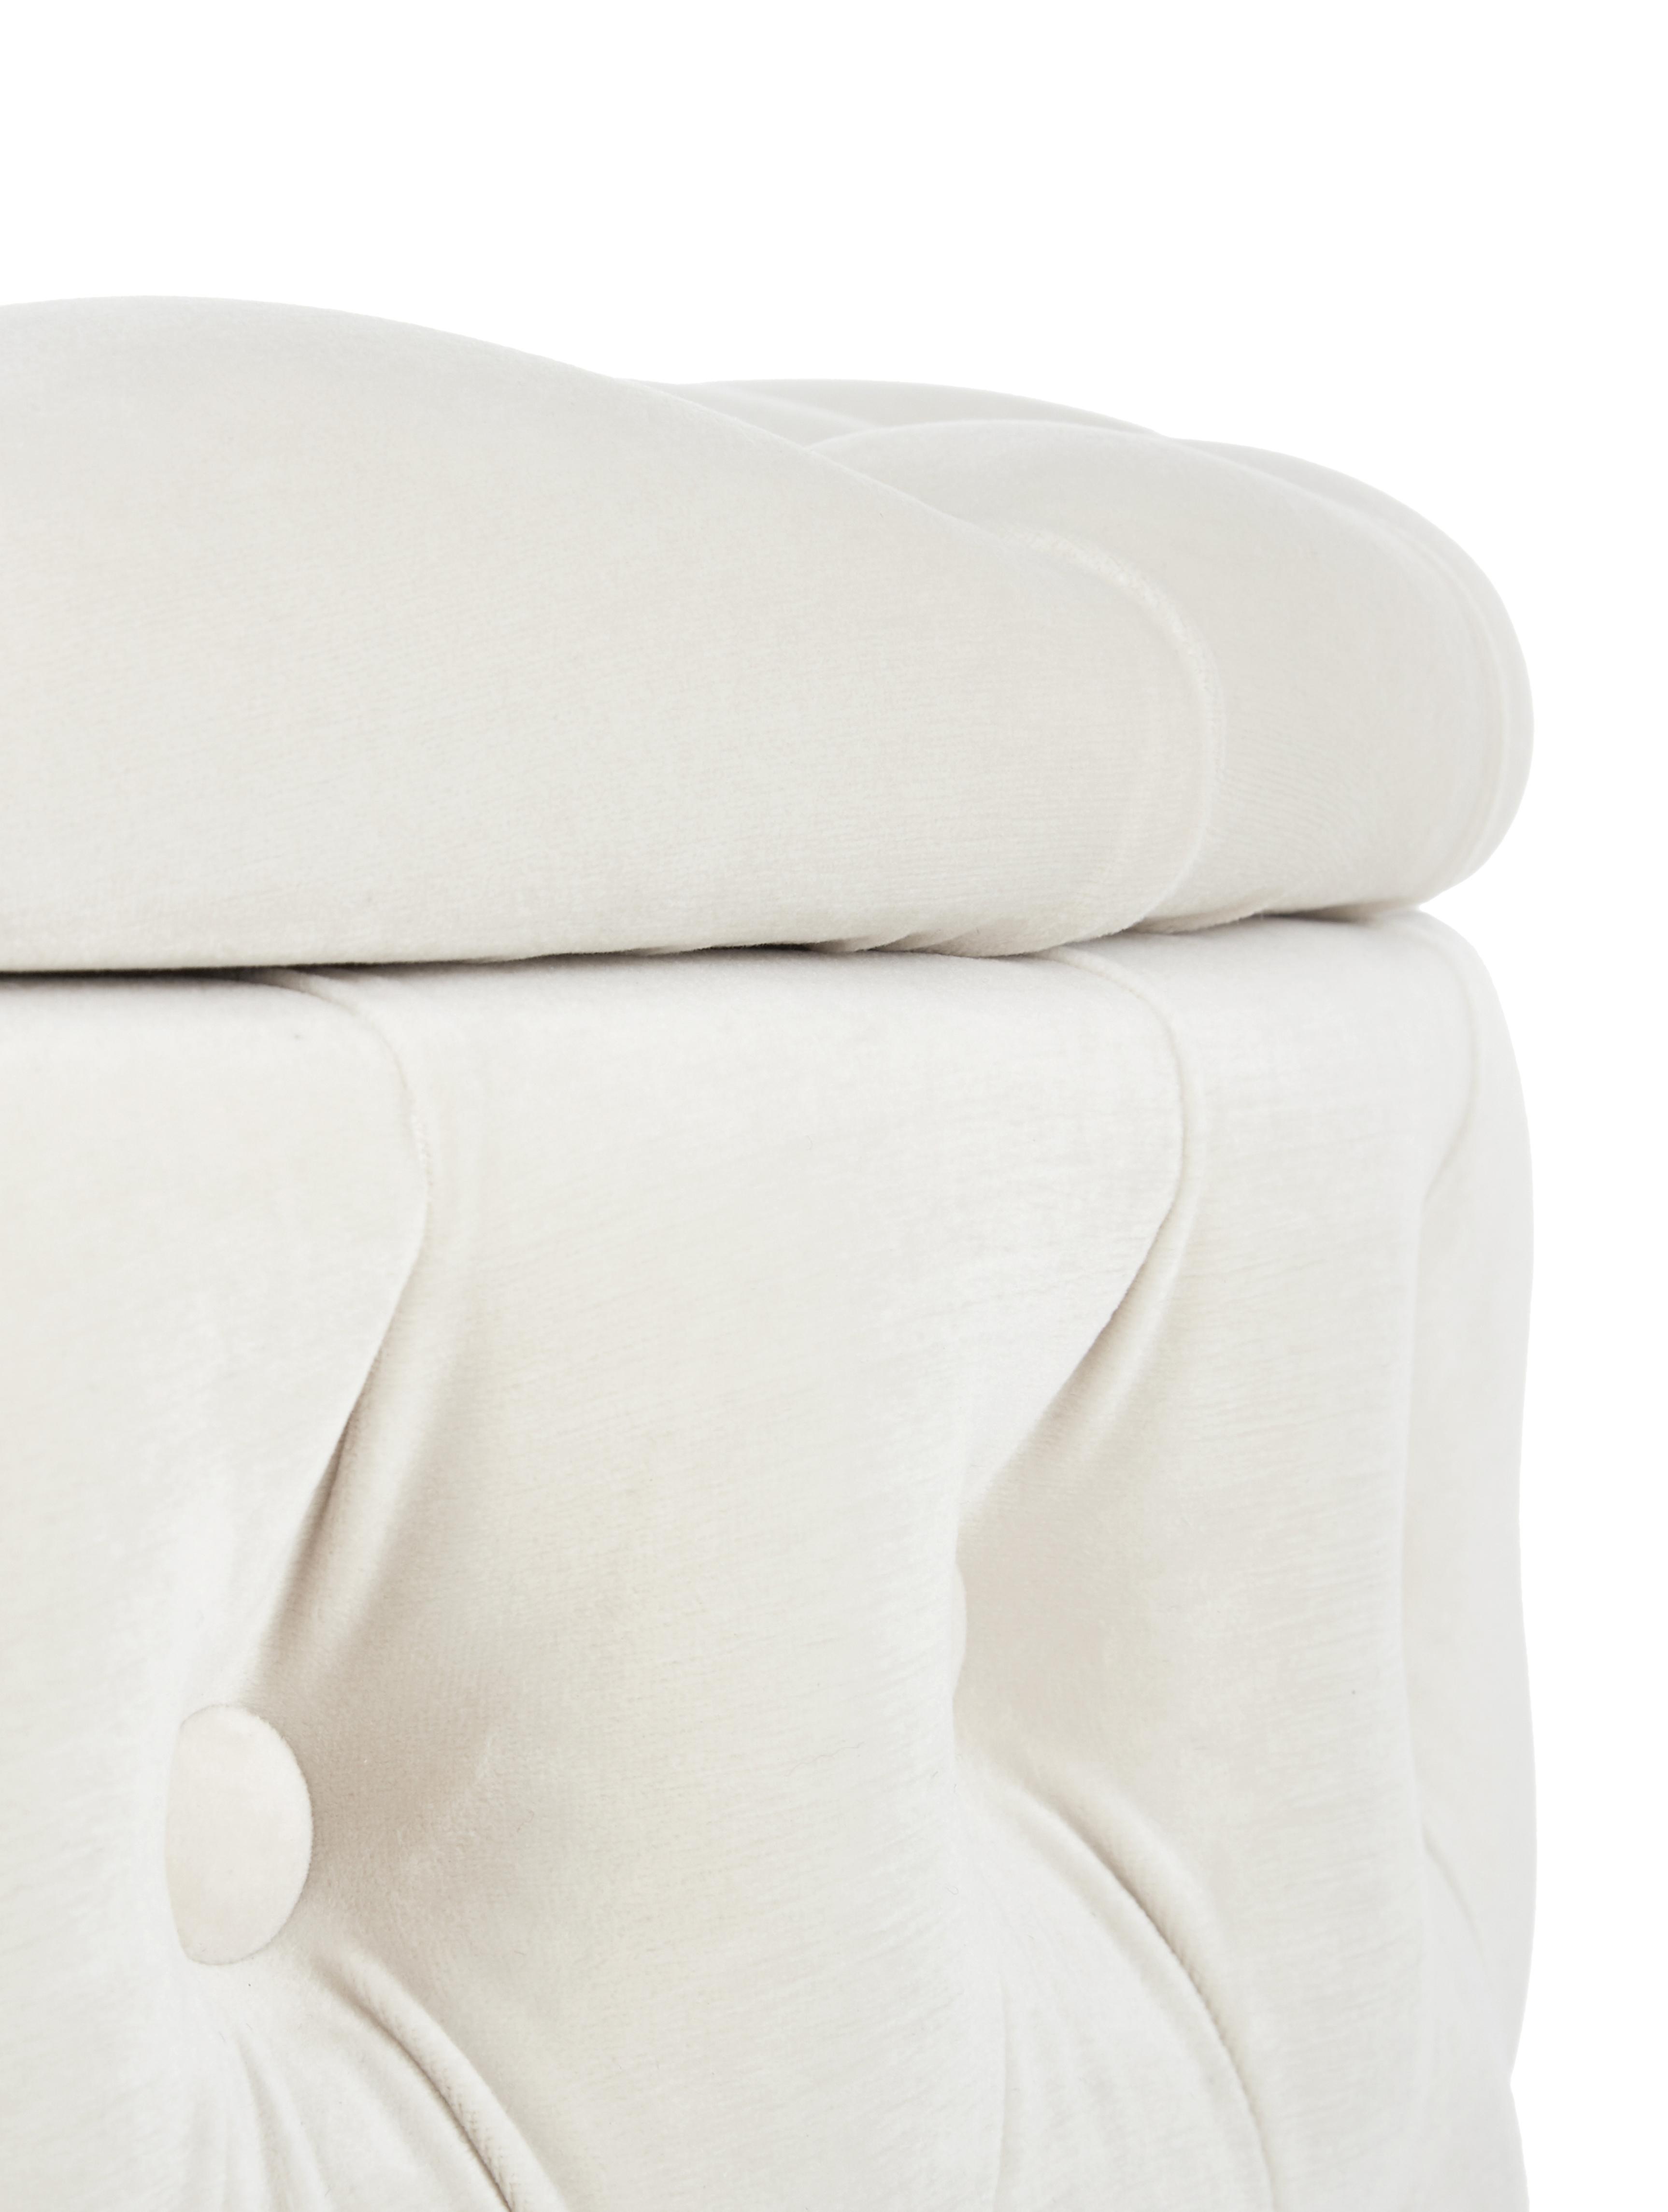 Puf z aksamitu z miejscem do przechowywania XL Chiara, Tapicerka: aksamit (poliester) 20 00, Korpus: drewno eukaliptusowe, Kremowobiały, Ø 70 x W 42 cm